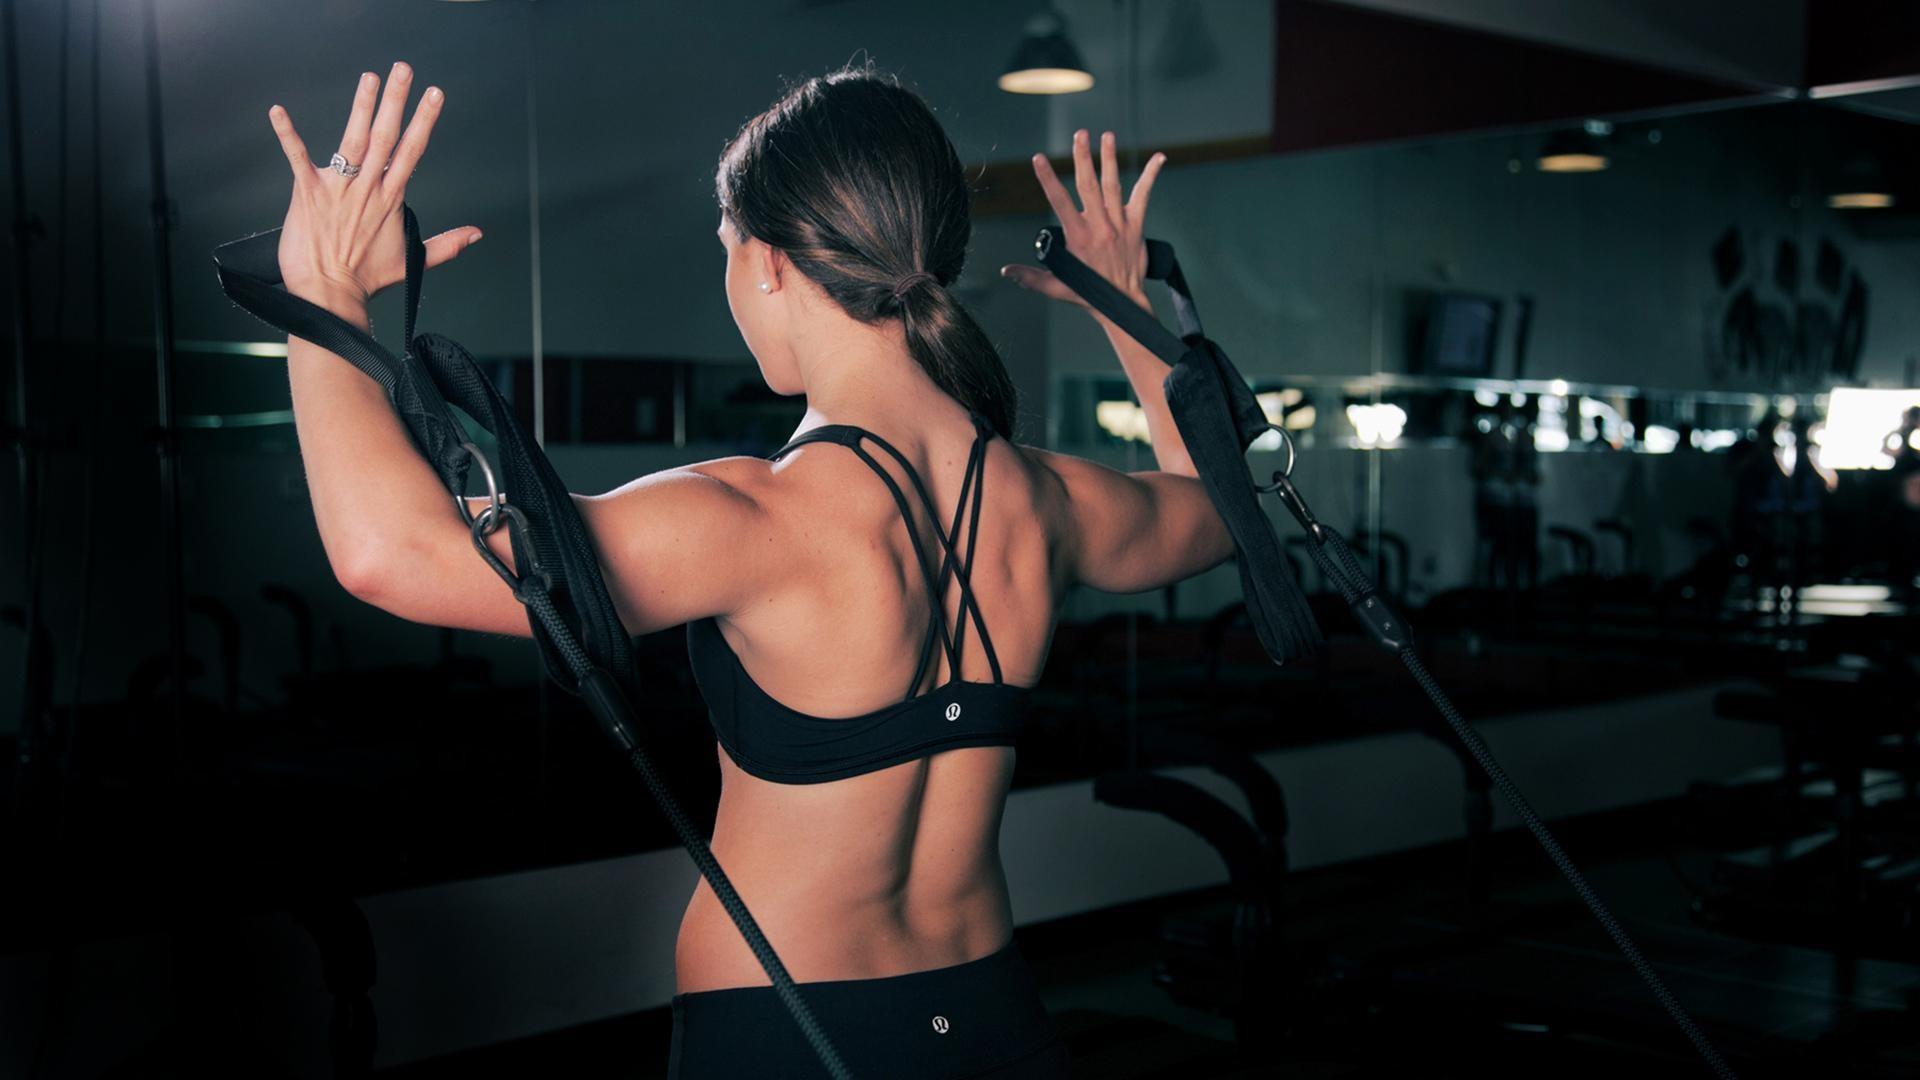 wallpaper.wiki-Fitness-workout-free-desktop-wallpaper-PIC-